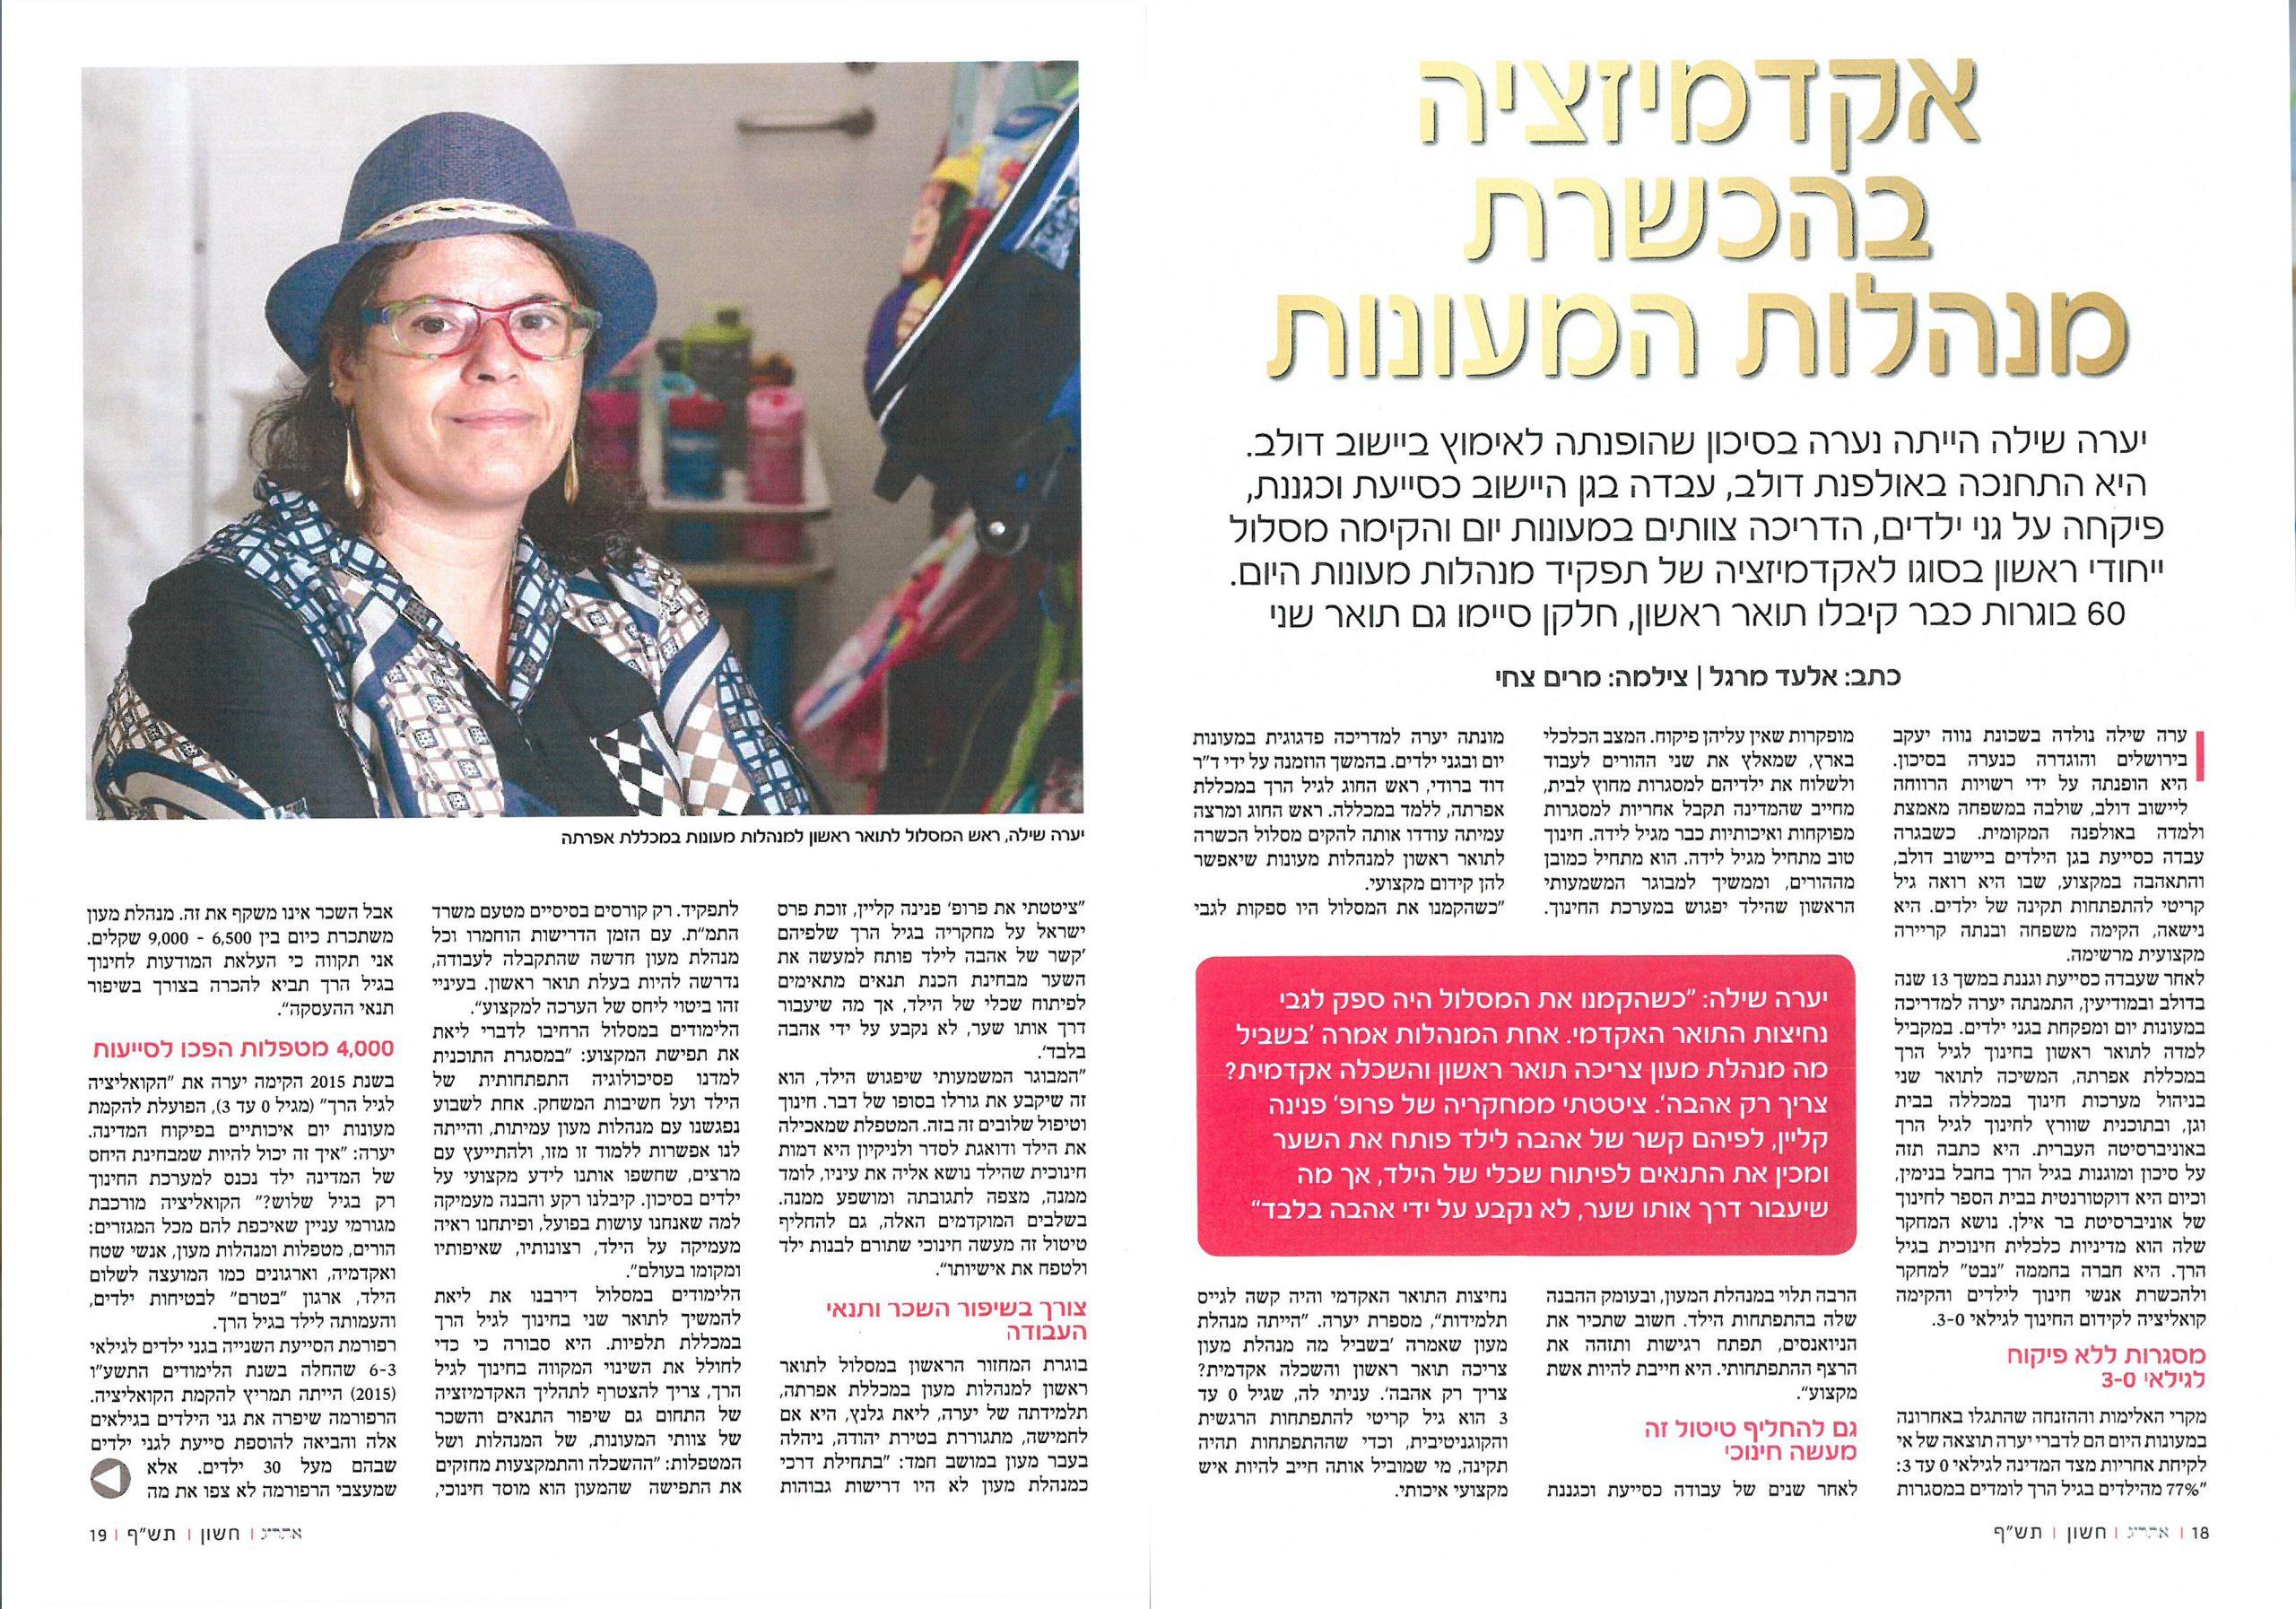 יערה שילה כתבה עליי באתרוג | מומחית לגיל הרך, מייסדת 'חינך מלידה' ומרצה בנושא חינוך